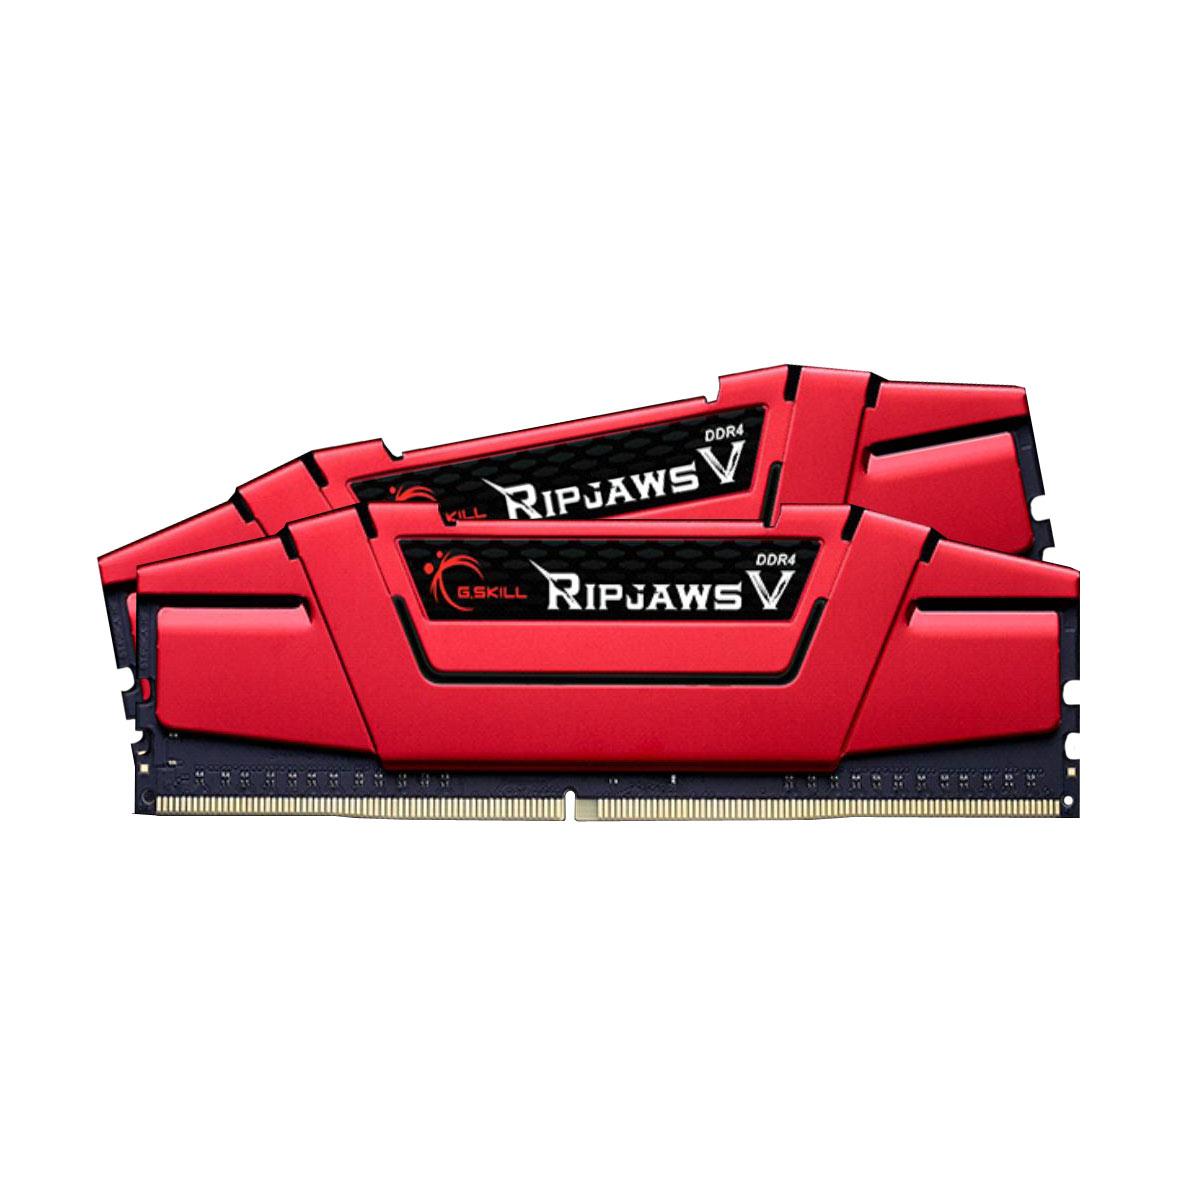 Mémoire PC G.Skill RipJaws 5 Series Rouge 16 Go (2x 8 Go) DDR4 2400 MHz CL15 Kit Dual Channel 2 barrettes de RAM DDR4 PC4-19200 - F4-2400C15D-16GVR